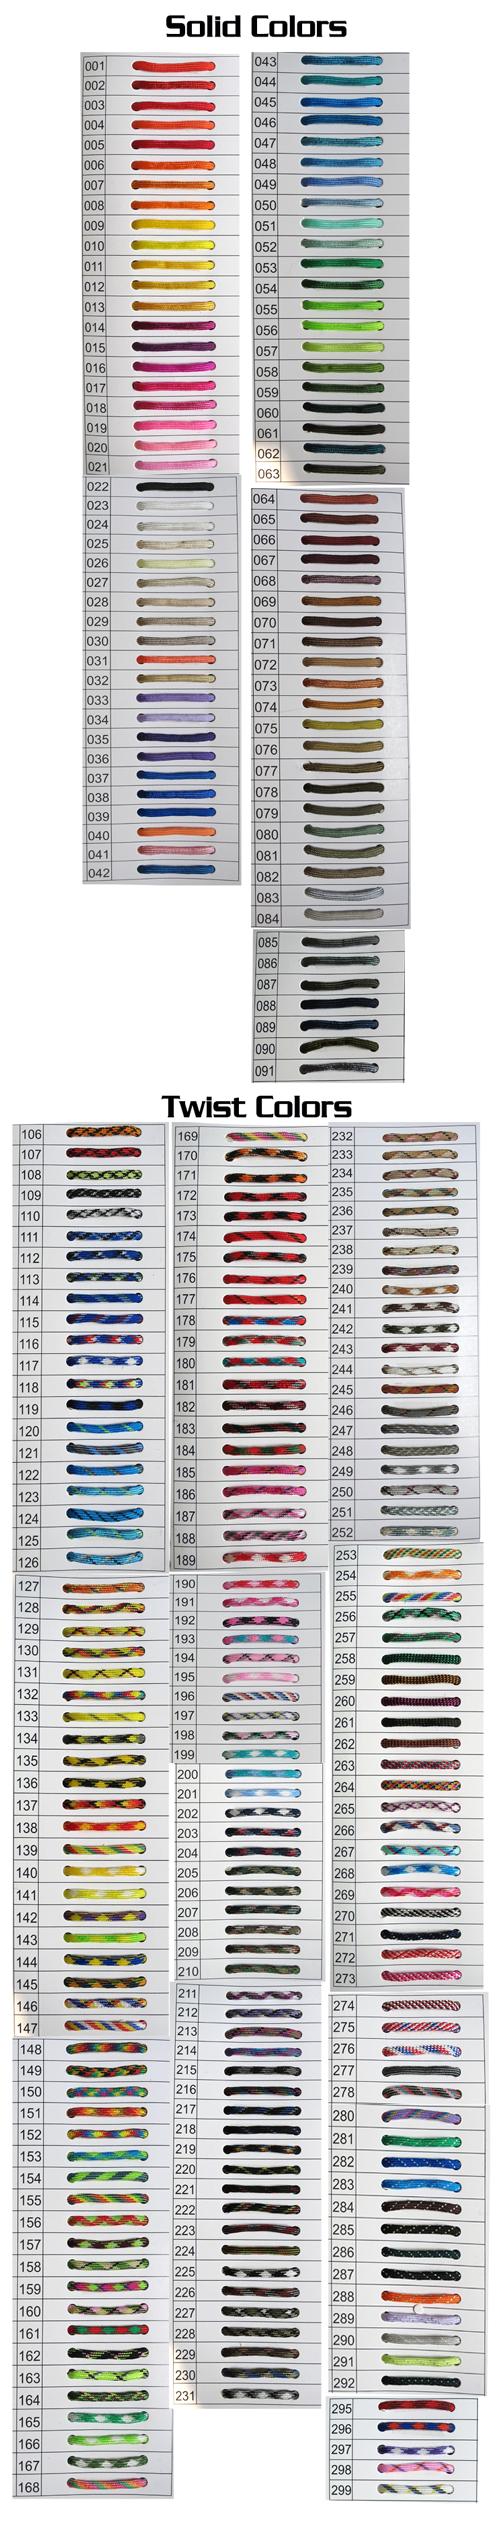 paracord-bracelets-solid-colors.png